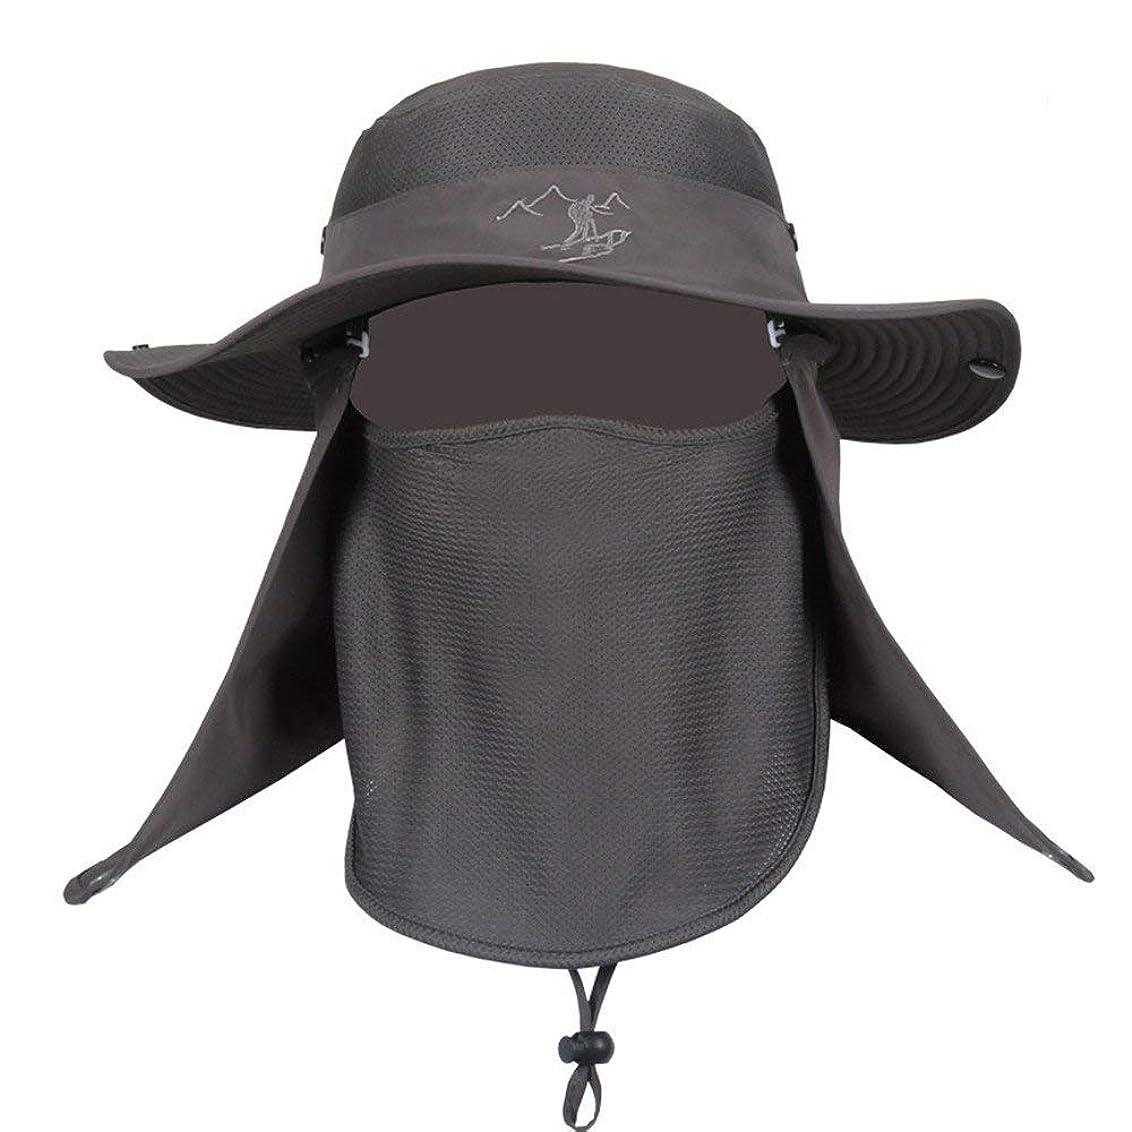 ケイ素ドラム最大のハット 帽子 ぼうし メッシュ 紫外線 使用 から 360度 ガード UV カット 日焼け 防止 顔 首 日よけ カバー 登山 釣り プール 海水浴 アウアドア